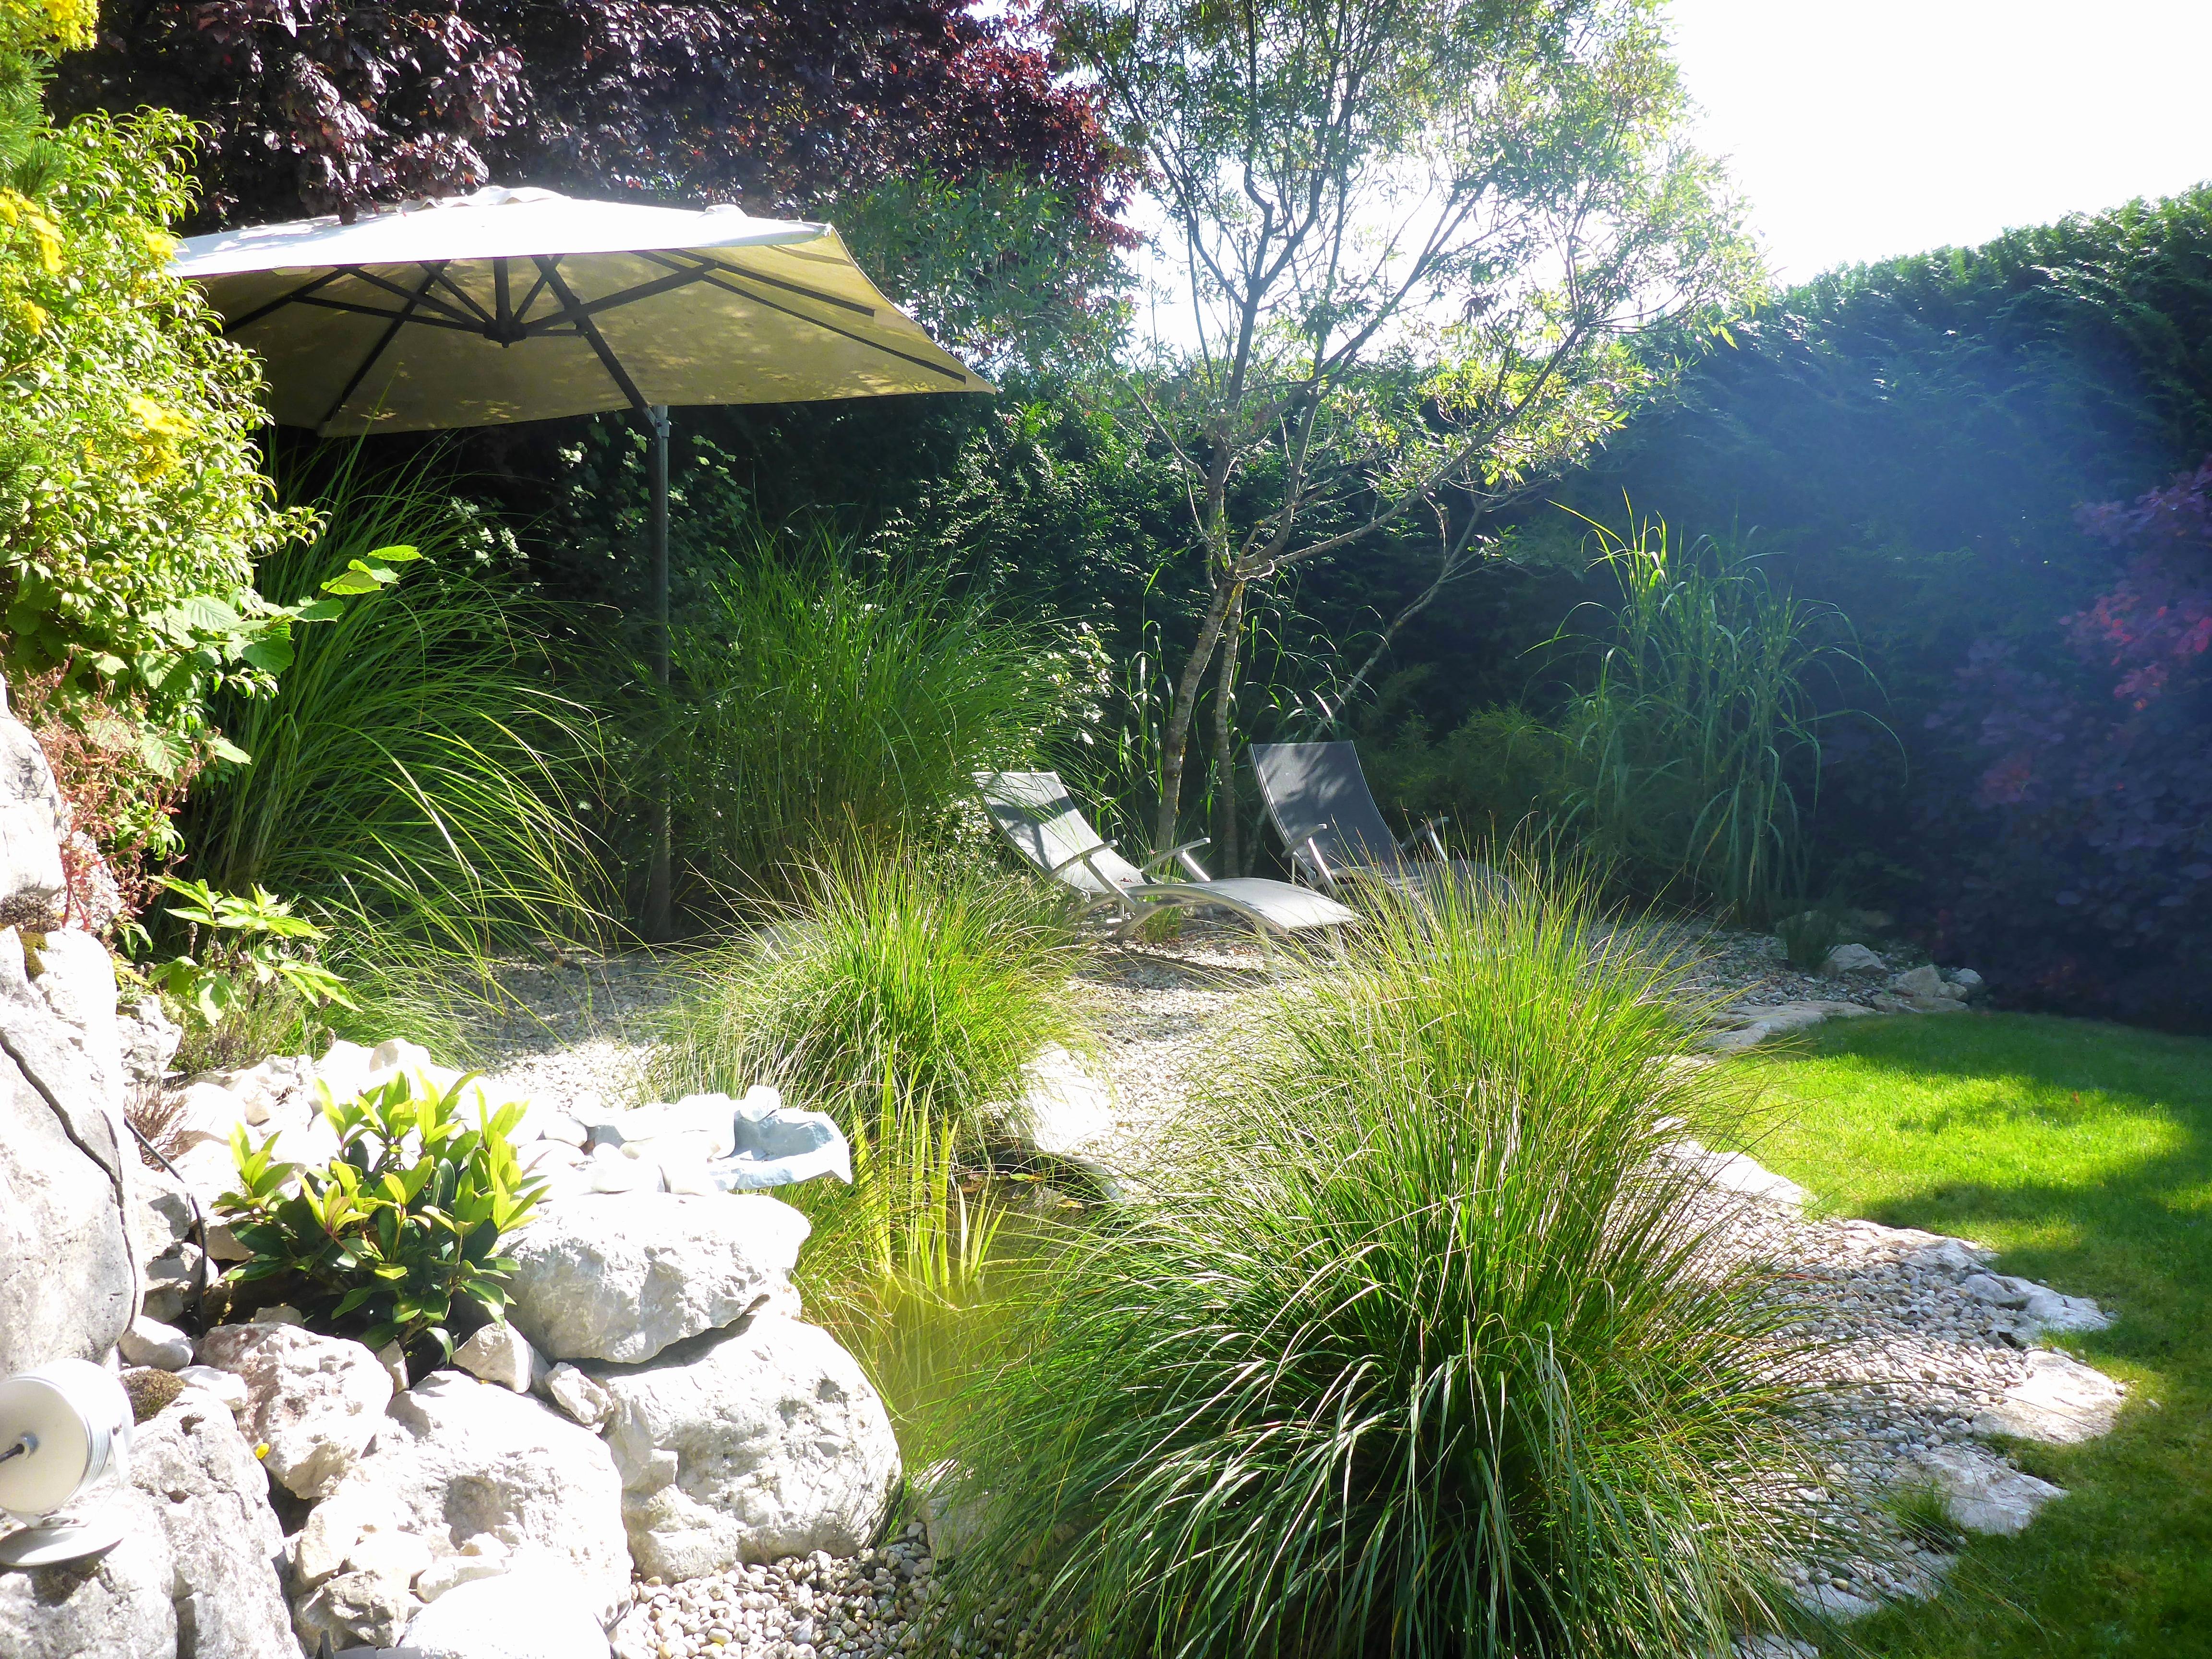 Cabane Bois Leroy Merlin Élégant Photographie Abri De Jardin En Bois Leroy Merlin élégant Leroy Merlin Jardin